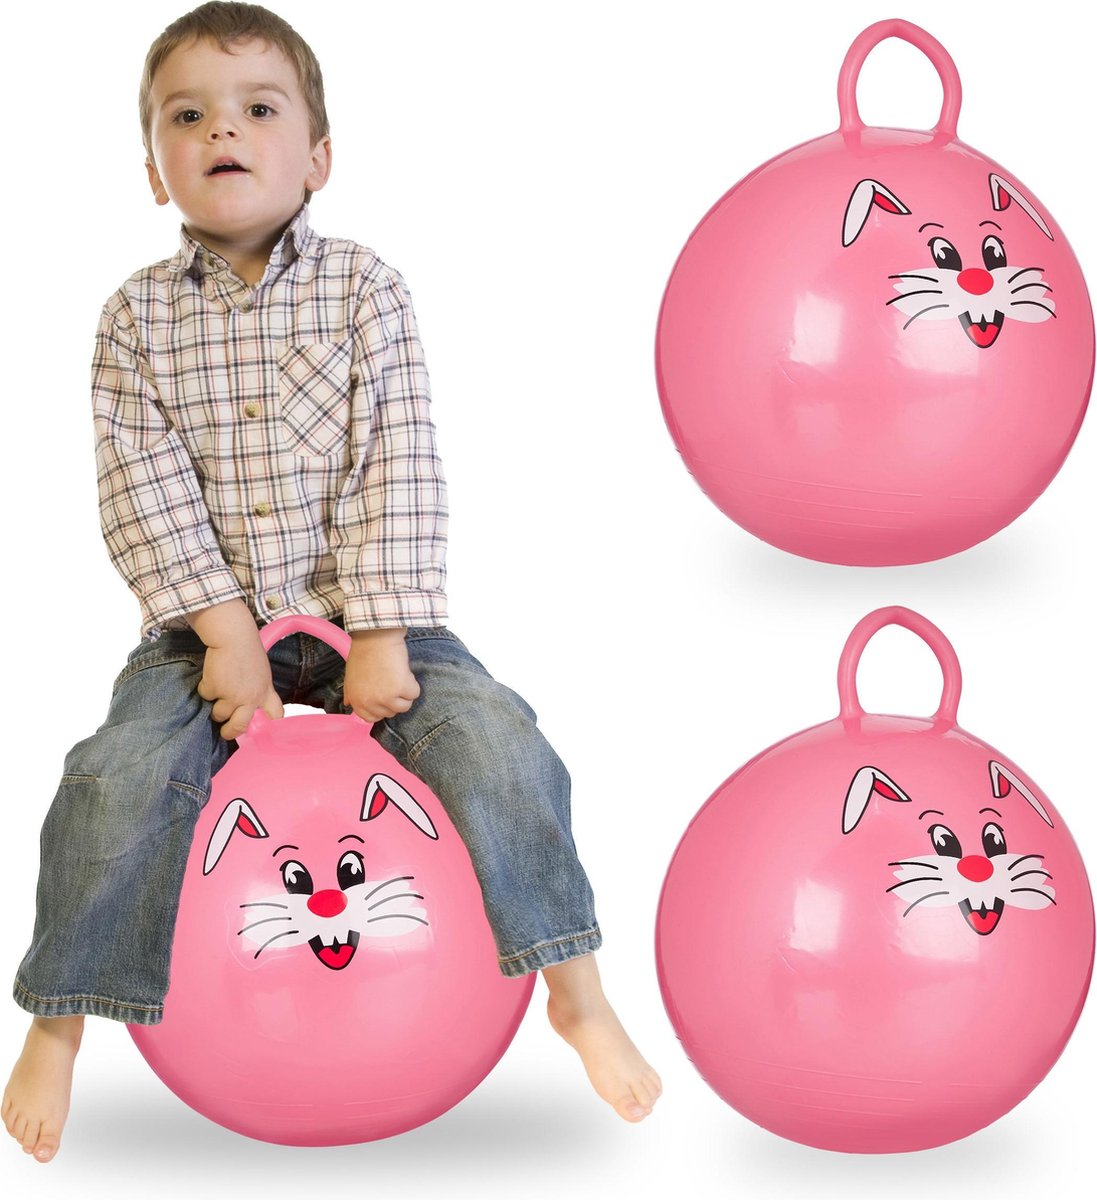 relaxdays 3 x skippybal in set - voor kinderen - Met konijn opdruk - springbal - roze